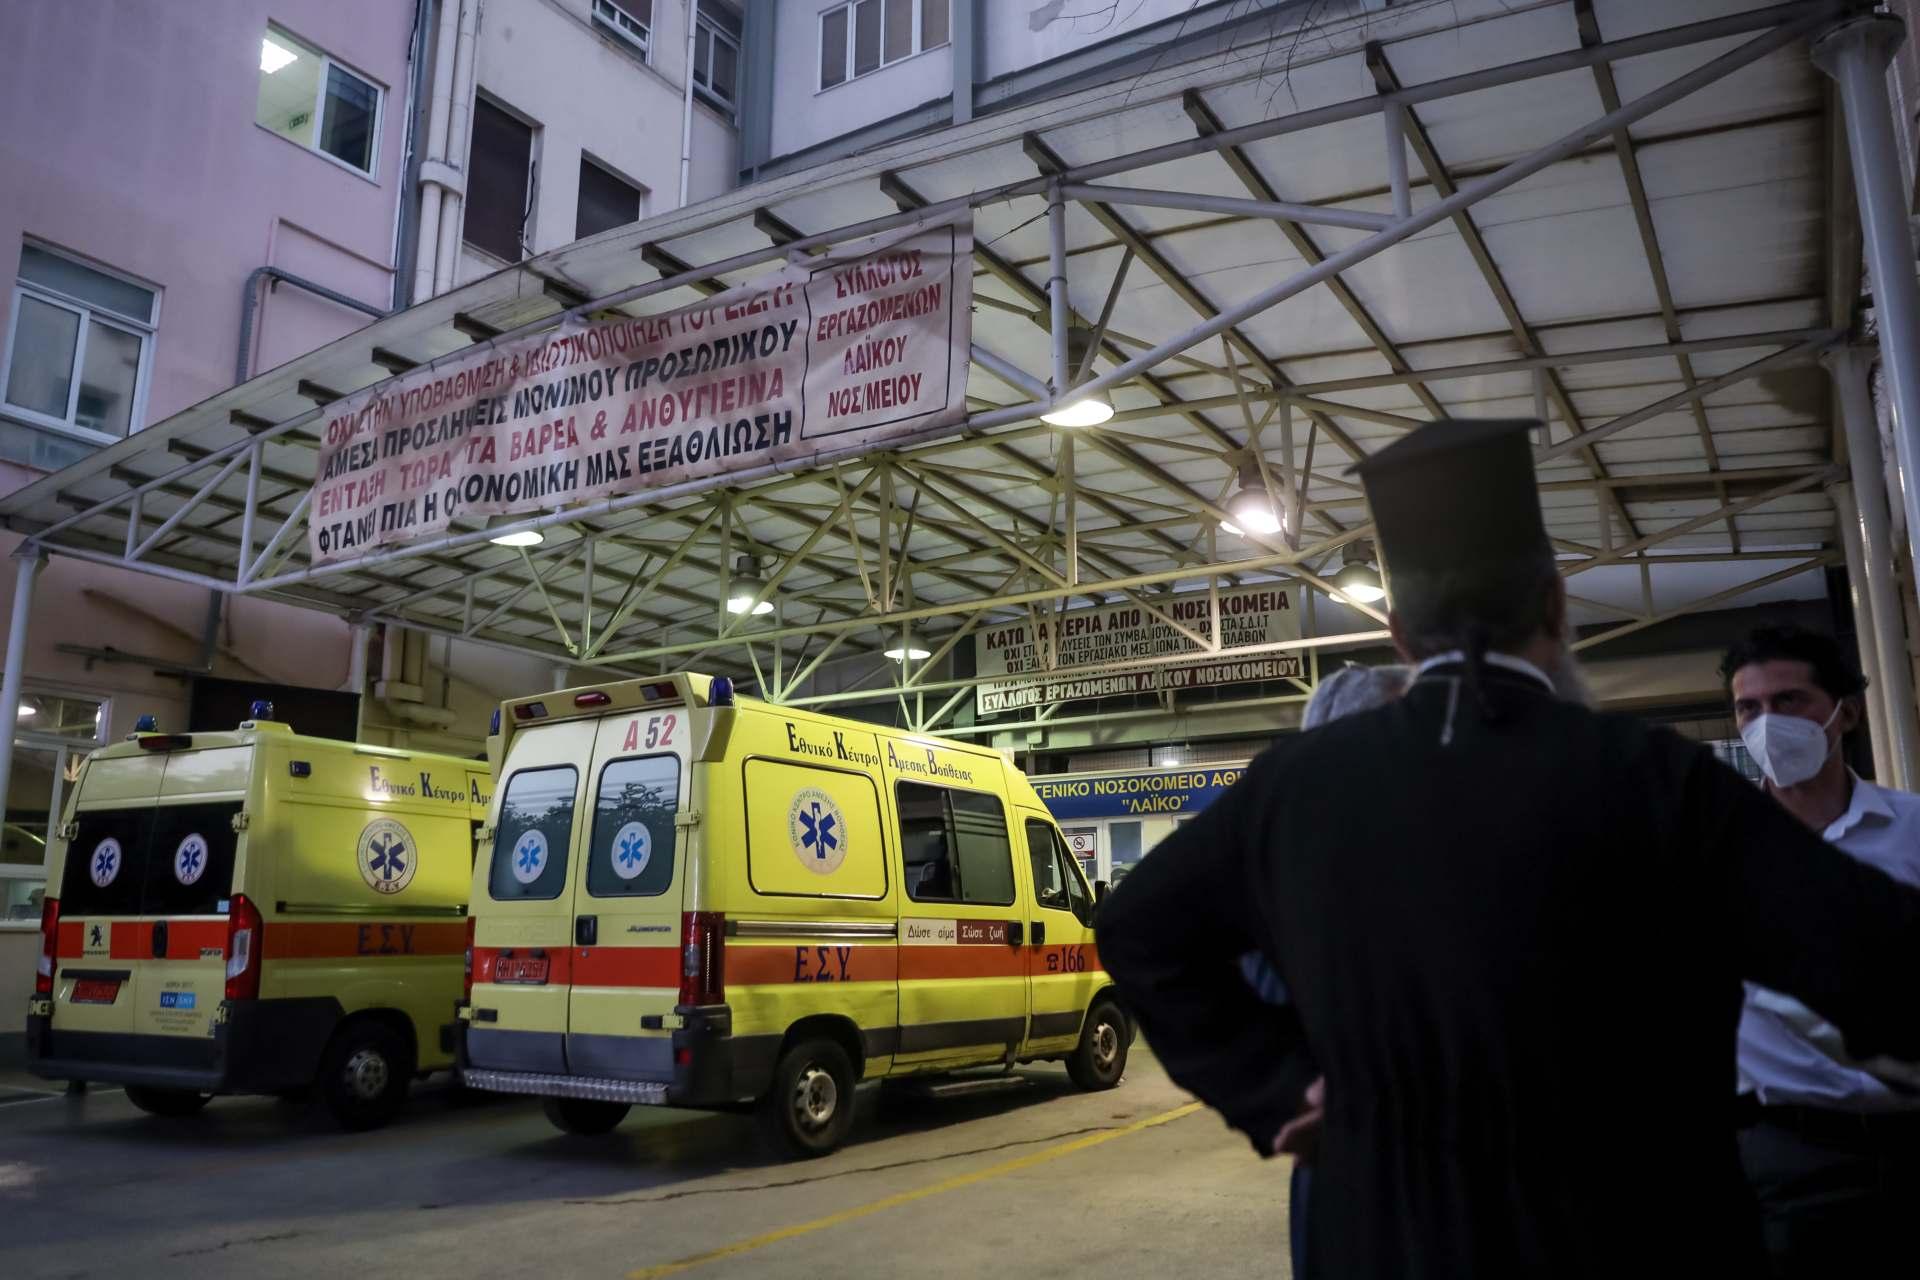 Μονή Πετράκη: Στον εισαγγελέα ο ιερέας για την επίθεση με βιτριόλι – Ποια η κατάσταση των τραυματιών